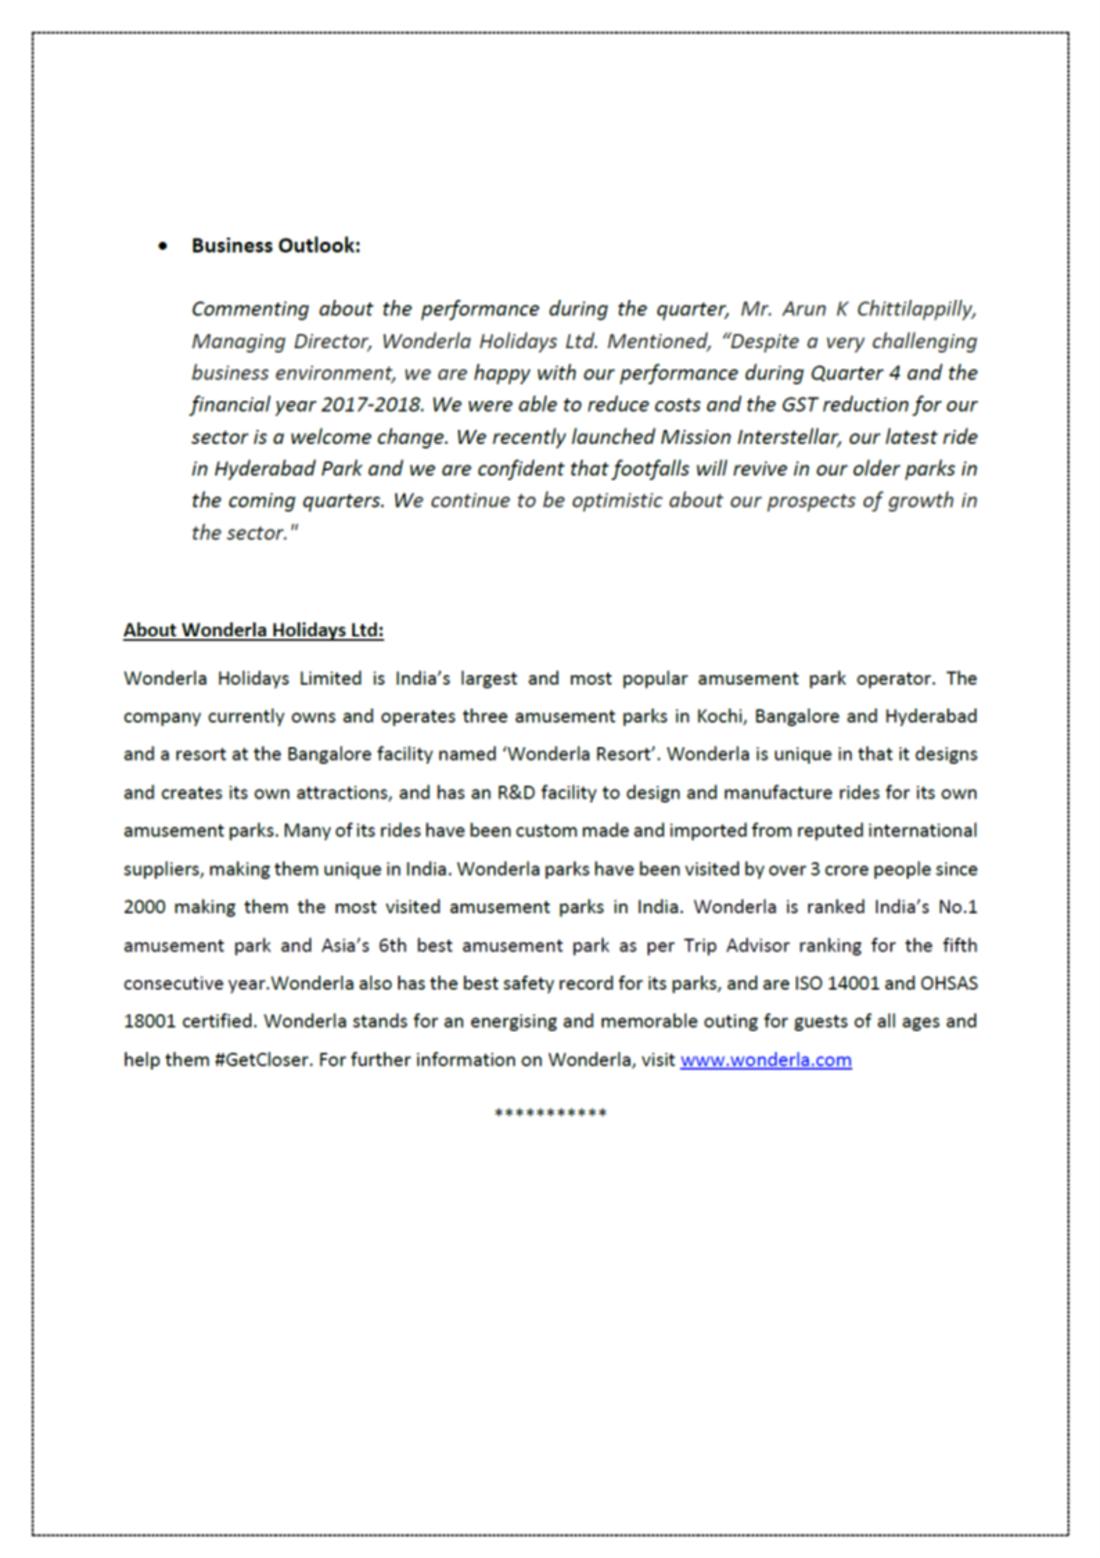 Annual Report Press Release 2